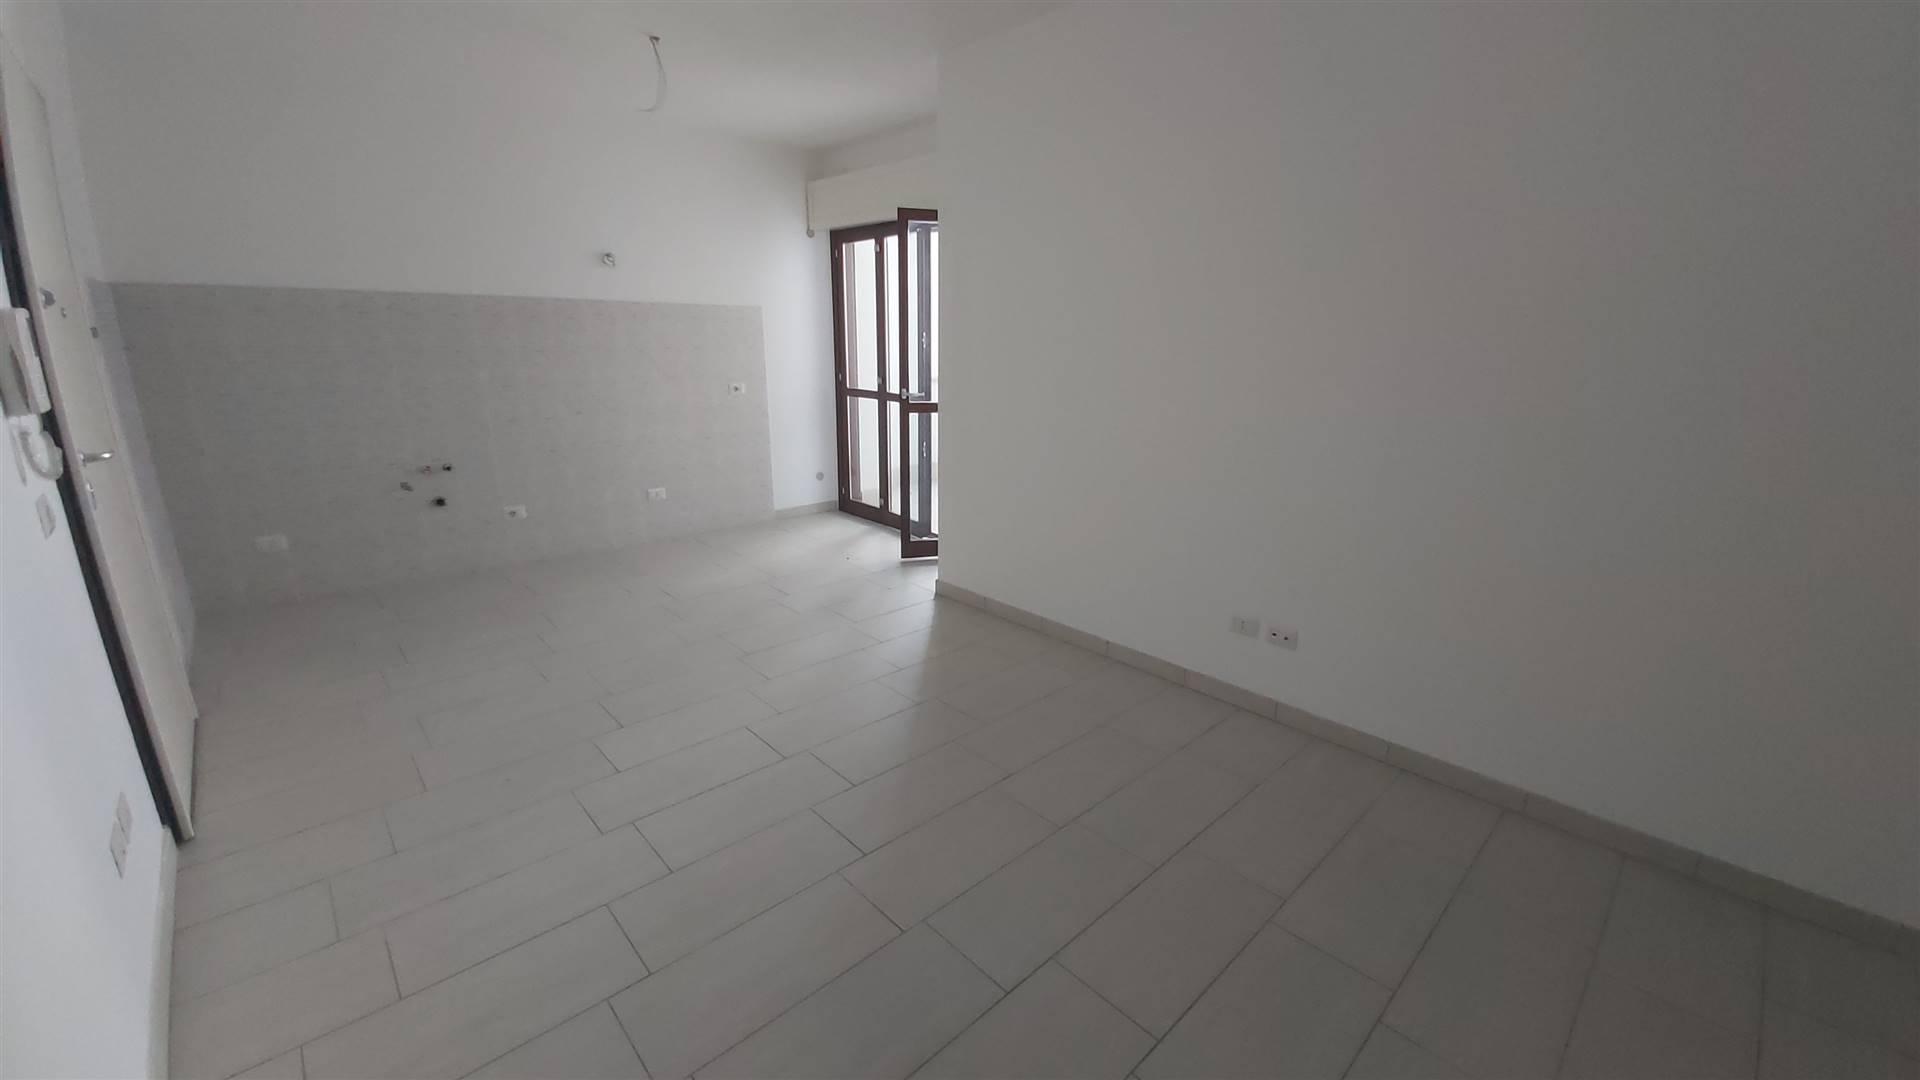 Appartamento in vendita a Latina, 3 locali, zona Zona: Latina Scalo, prezzo € 120.000 | CambioCasa.it